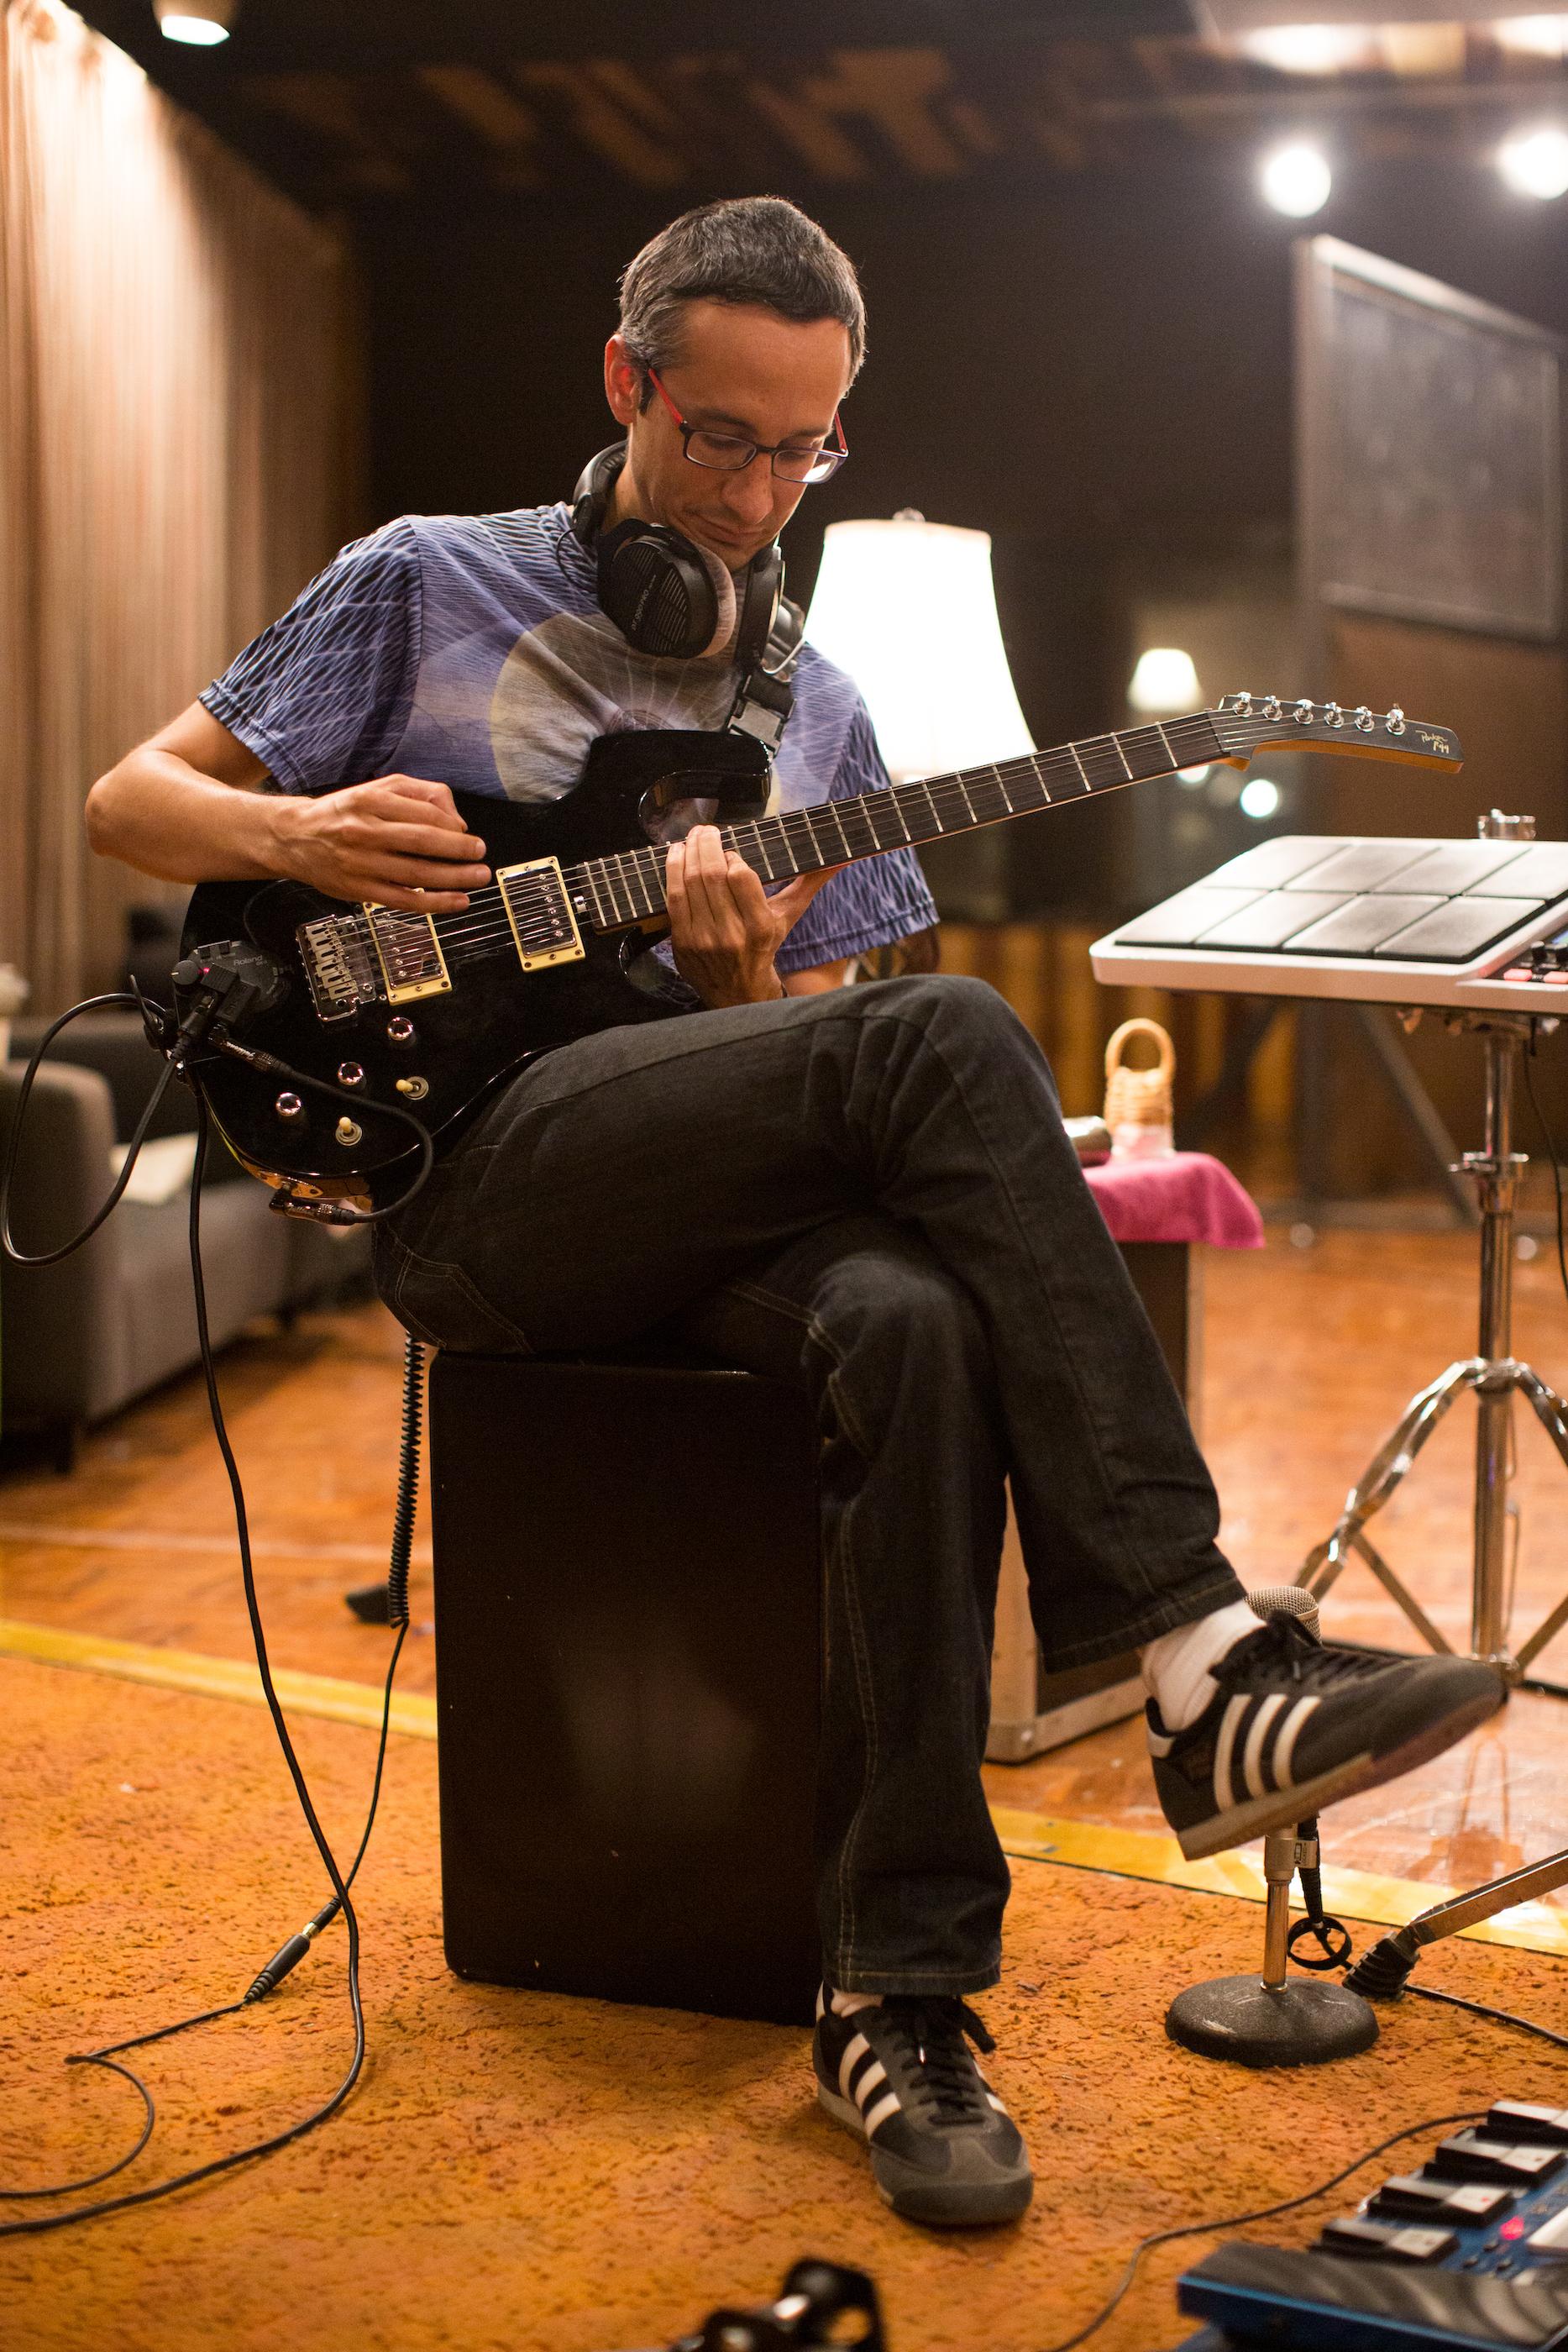 Kike puliendo su sonido antes de grabar